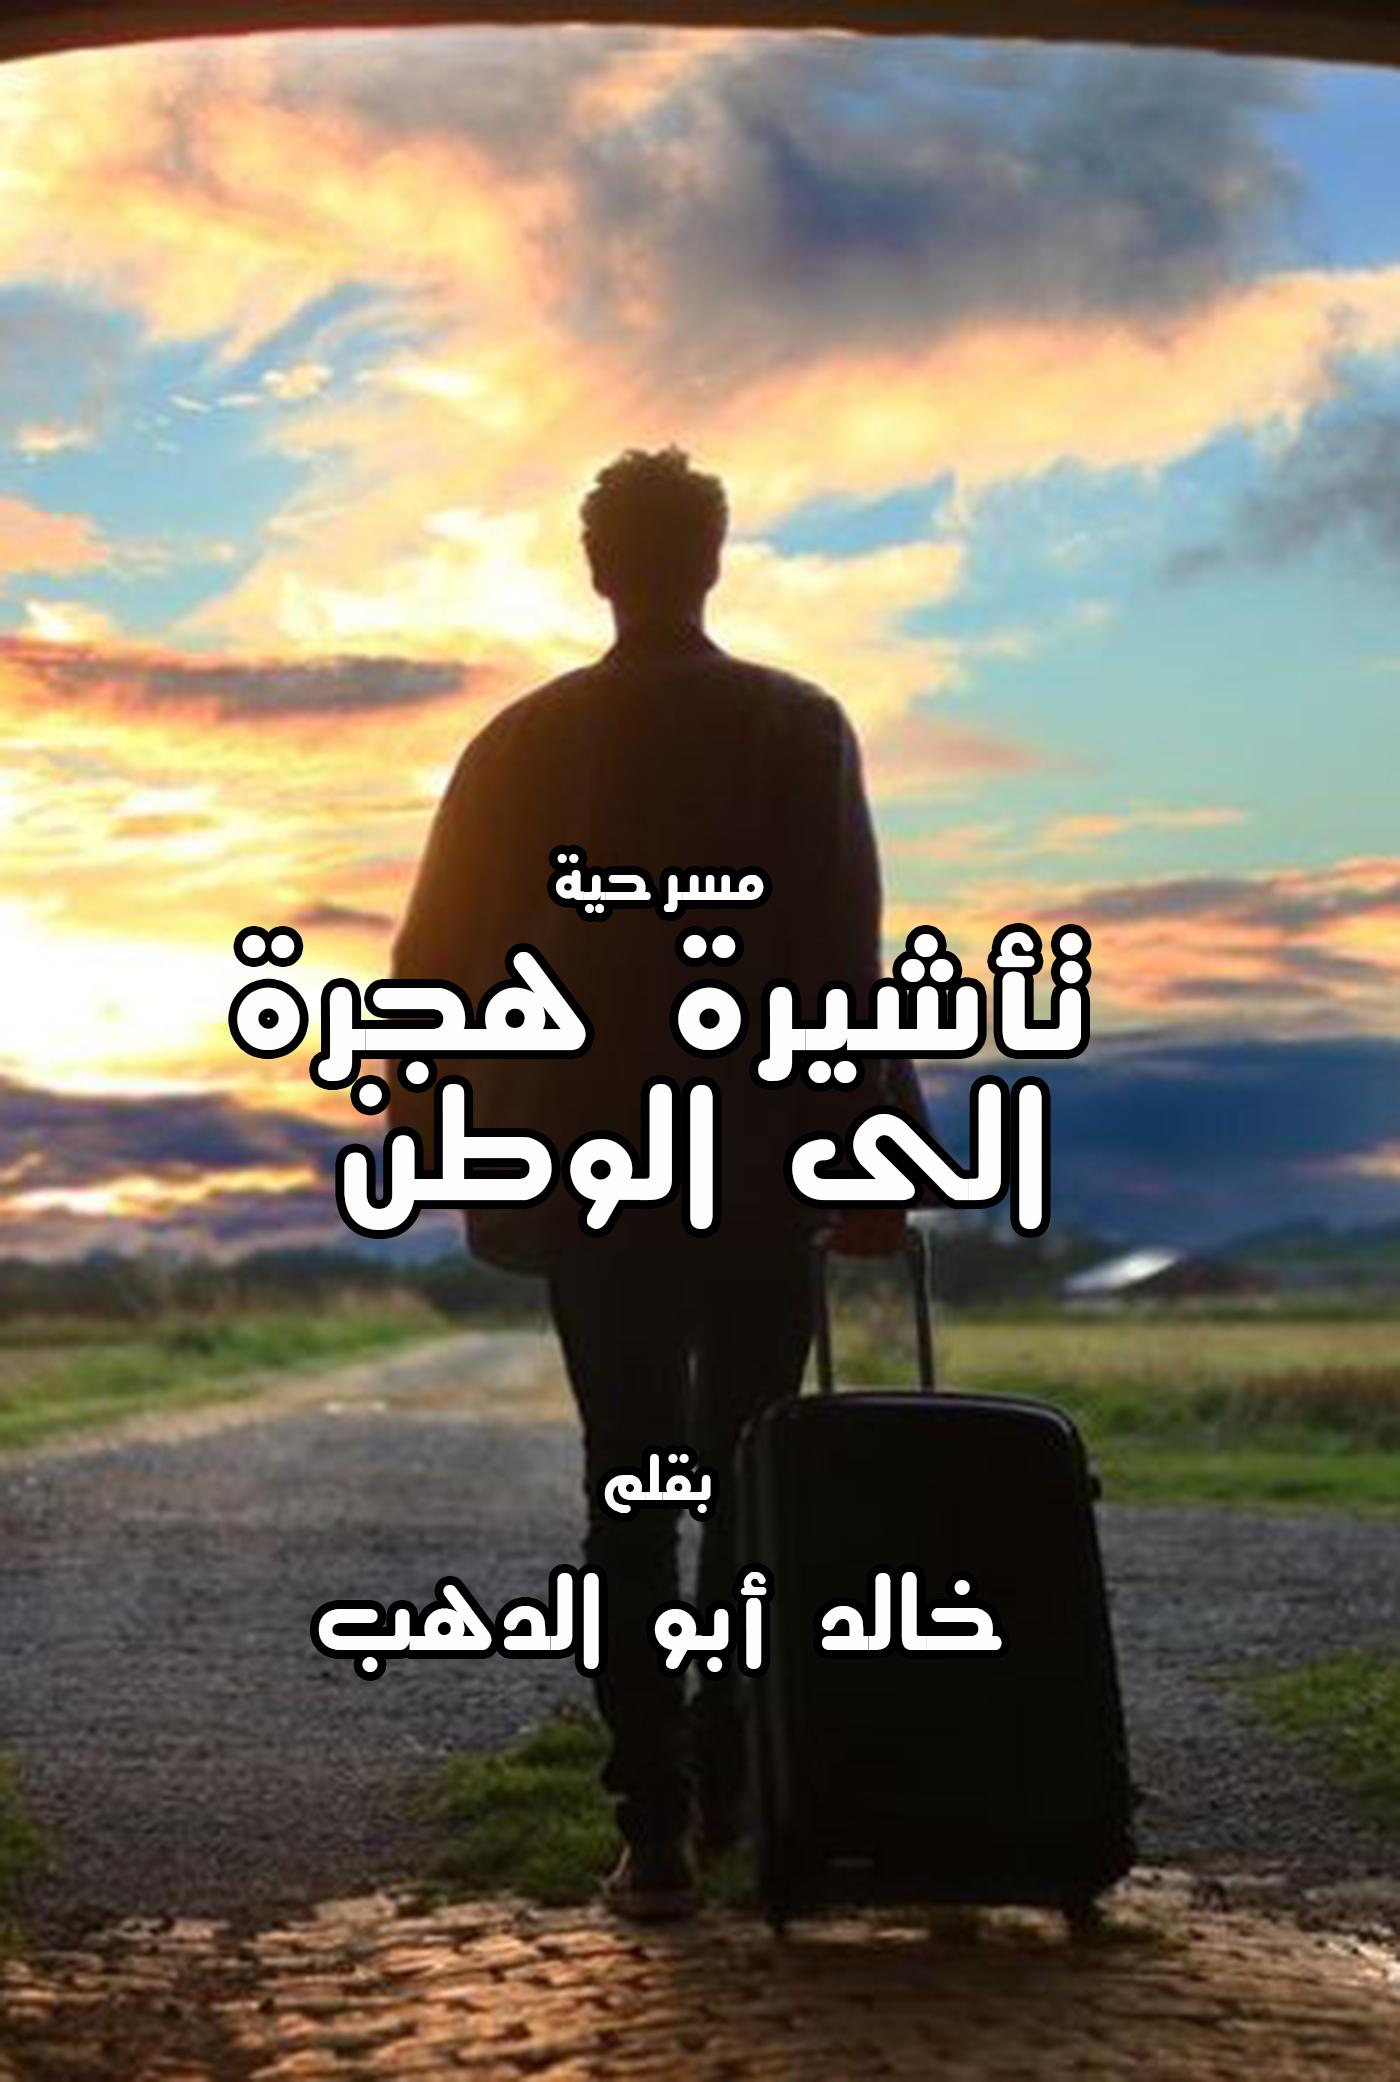 مسرحية تأشيرة هجرة إلى الوطن